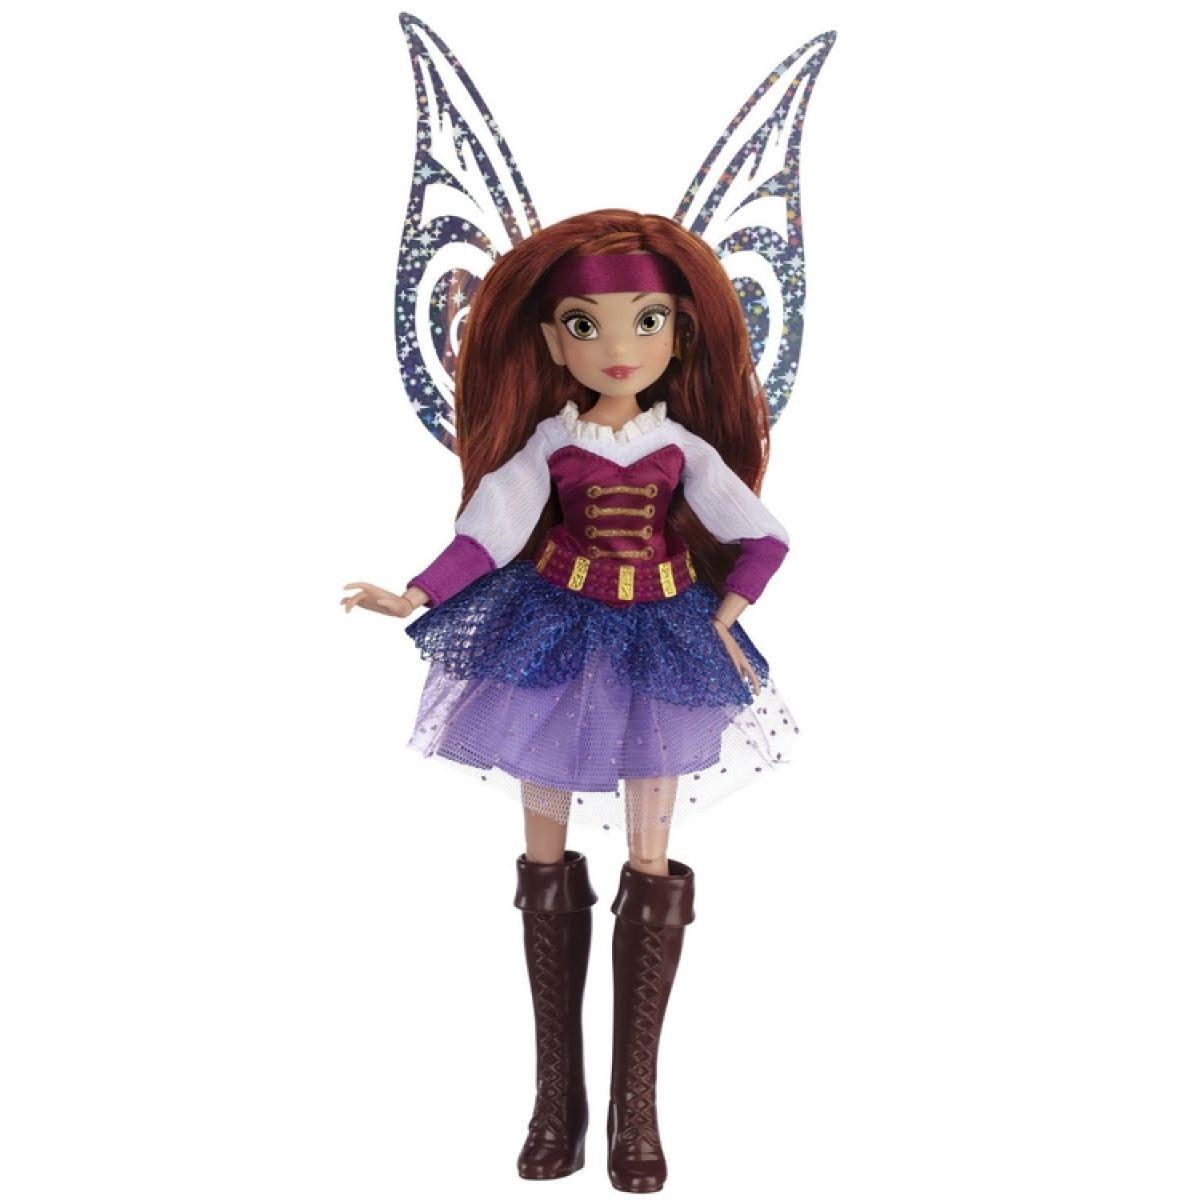 Disney Víly 22cm Deluxe panenka - Zarina